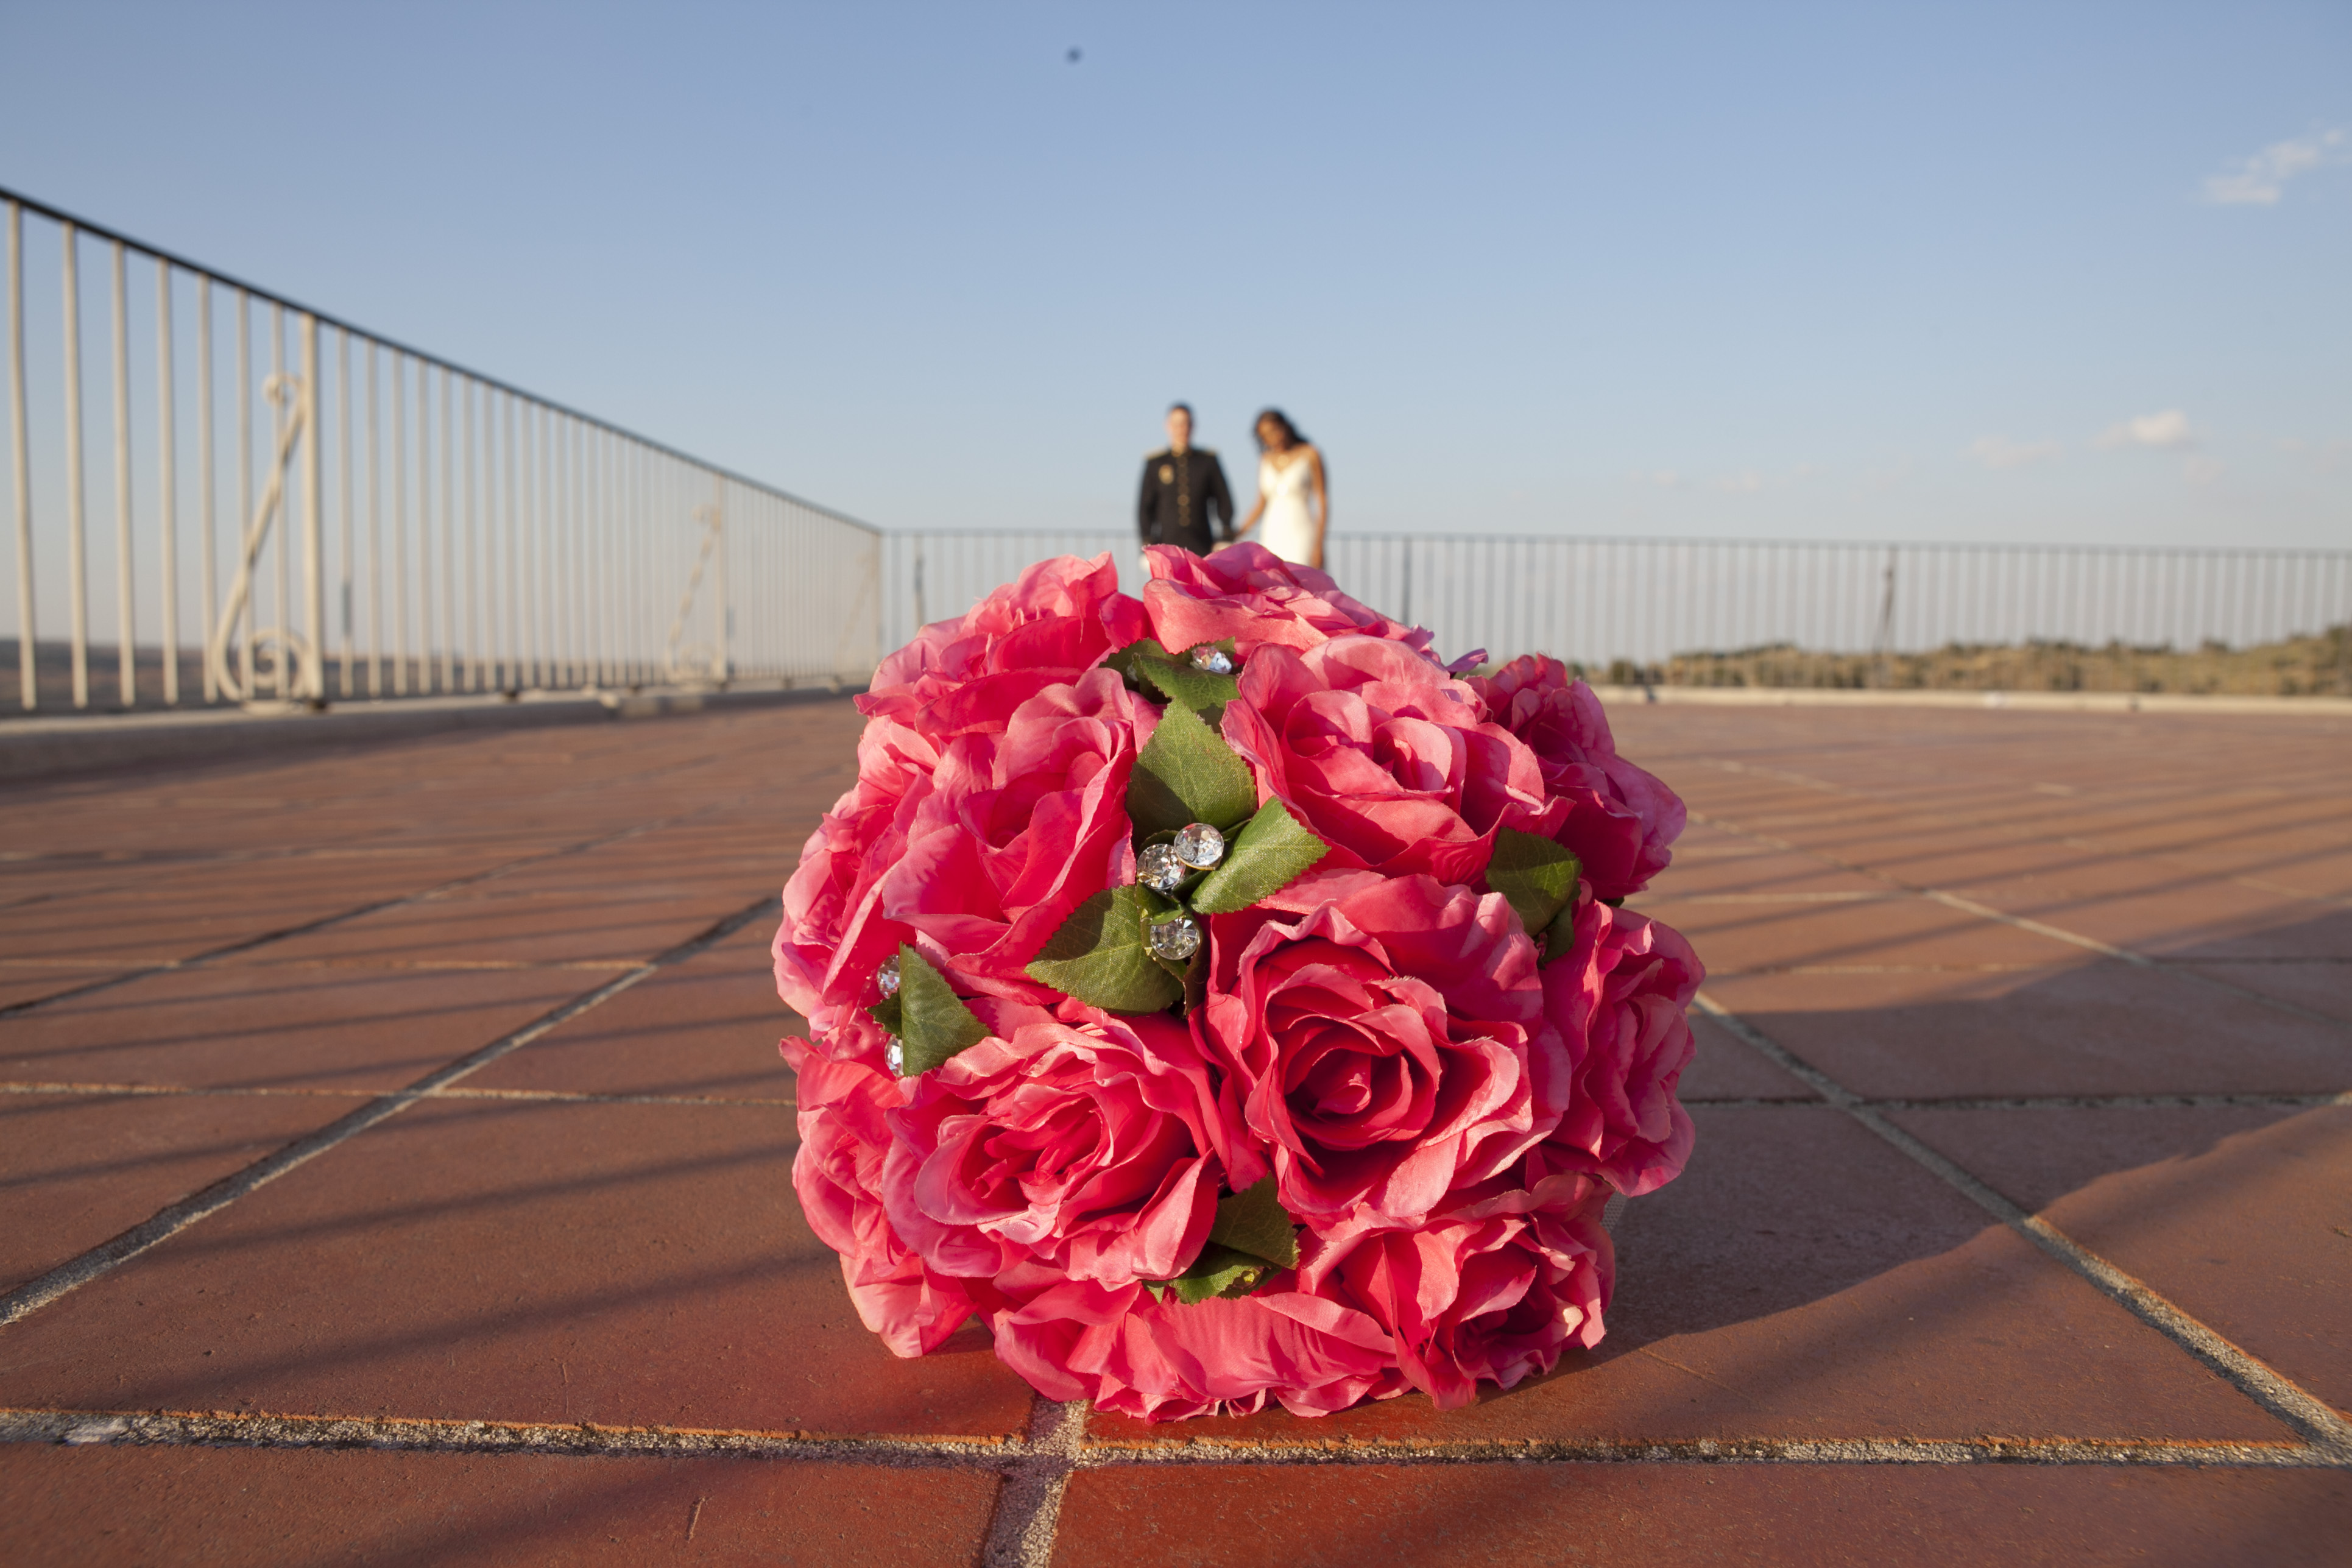 Fotografo y video de boda en madrid - Madrid